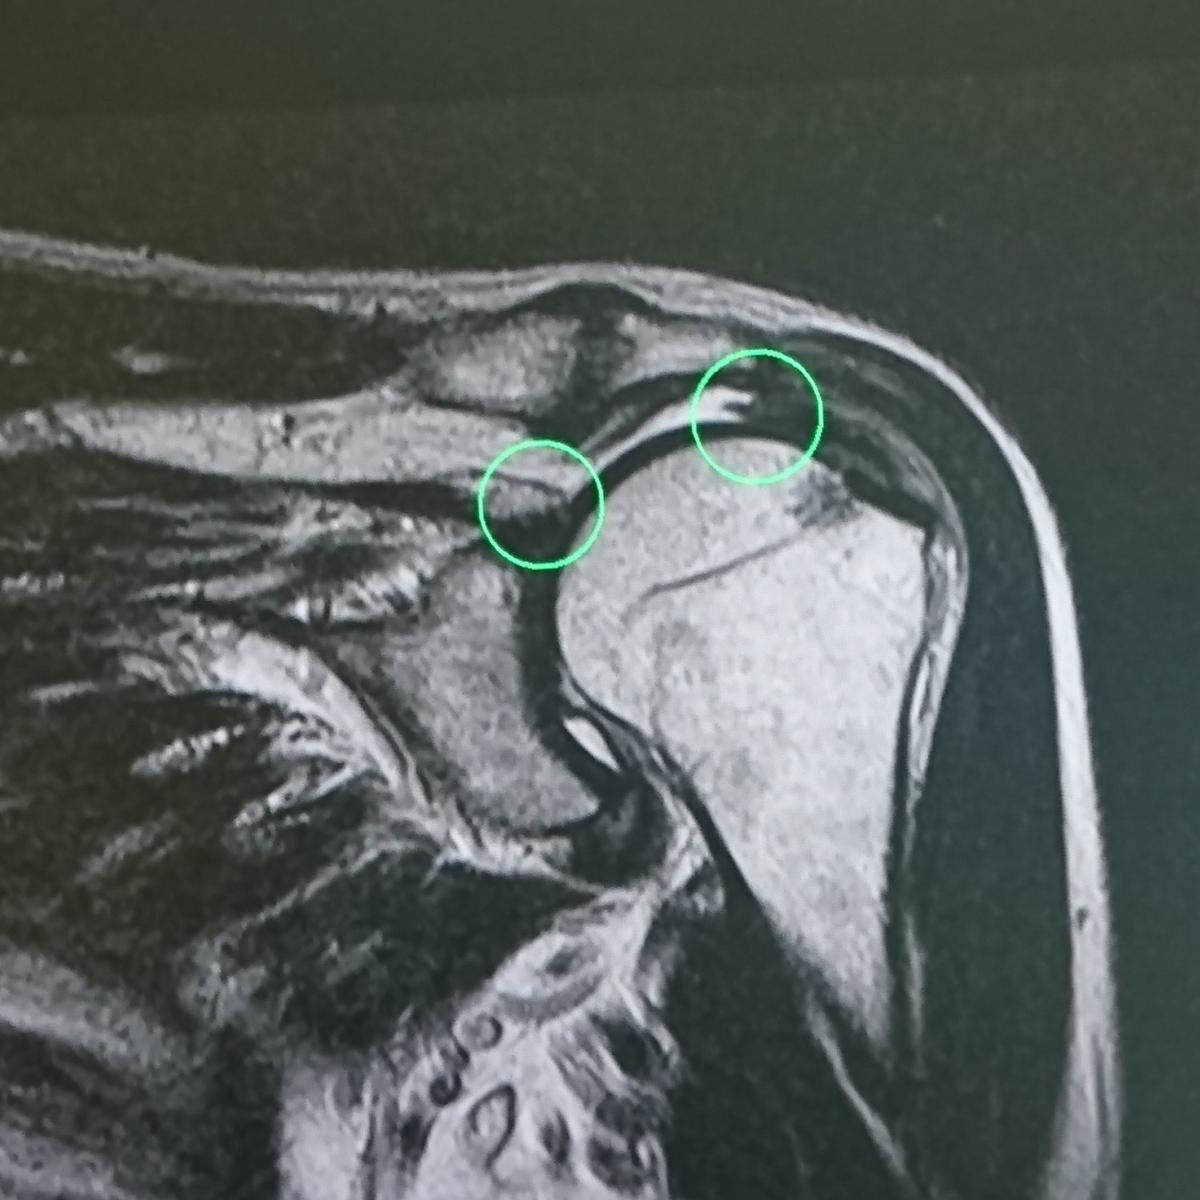 肩関節腱板断裂のT2wMRI画像